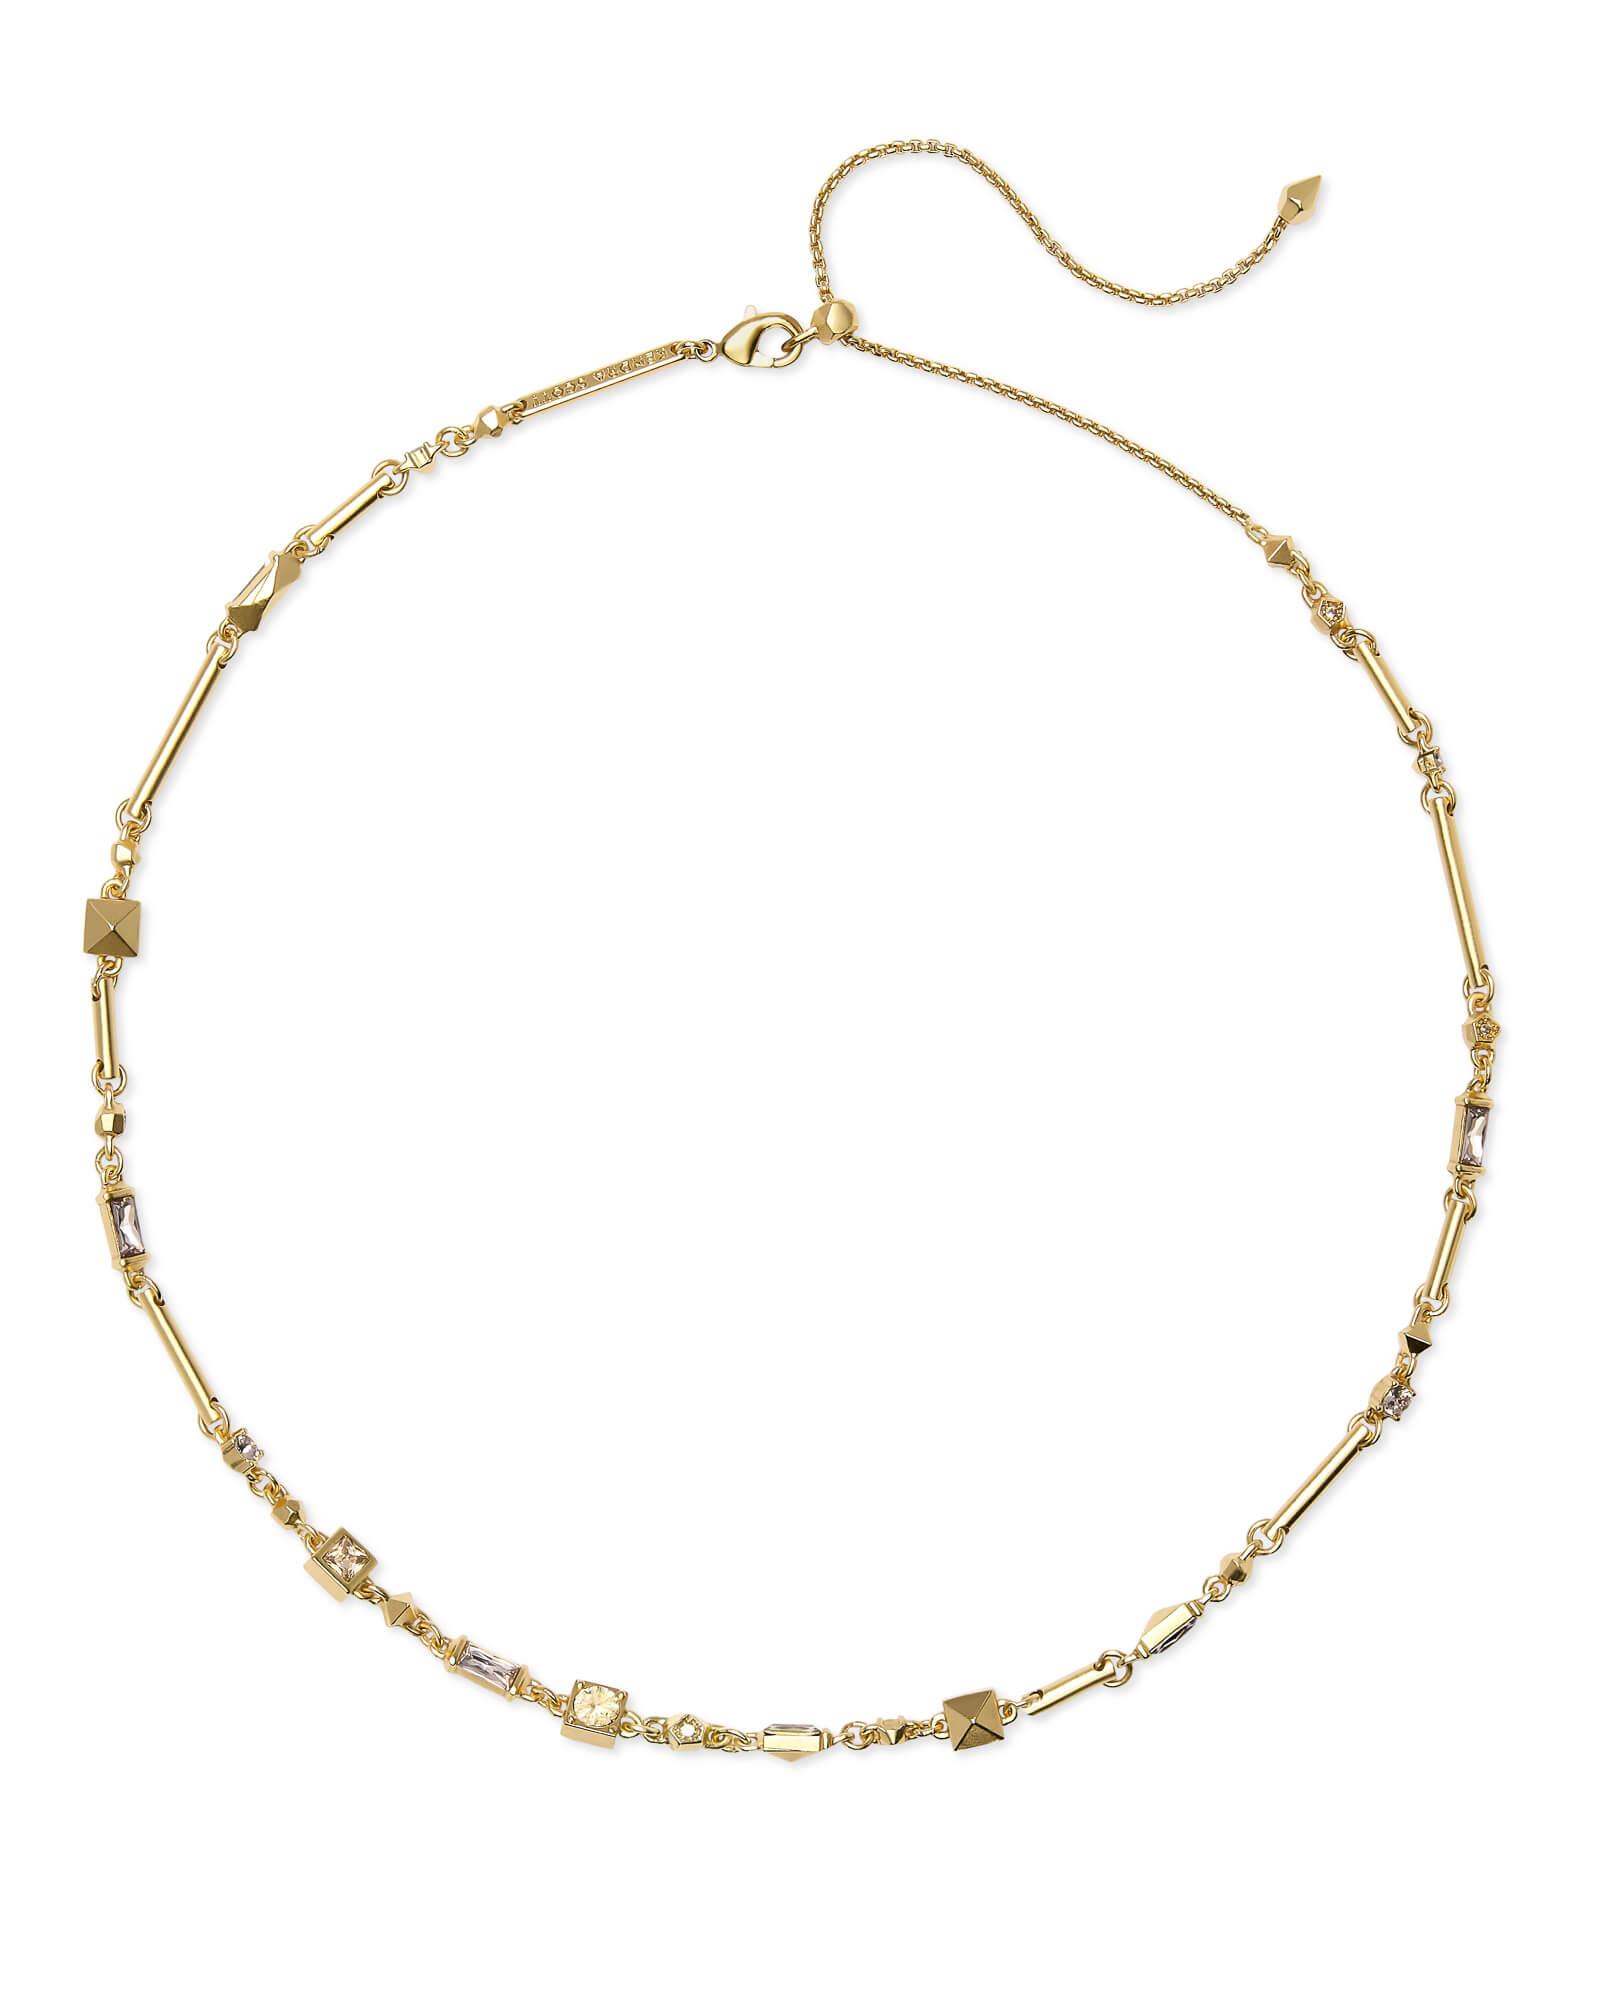 79d94e18690d Rhett Gold Necklace in Smoky Mix